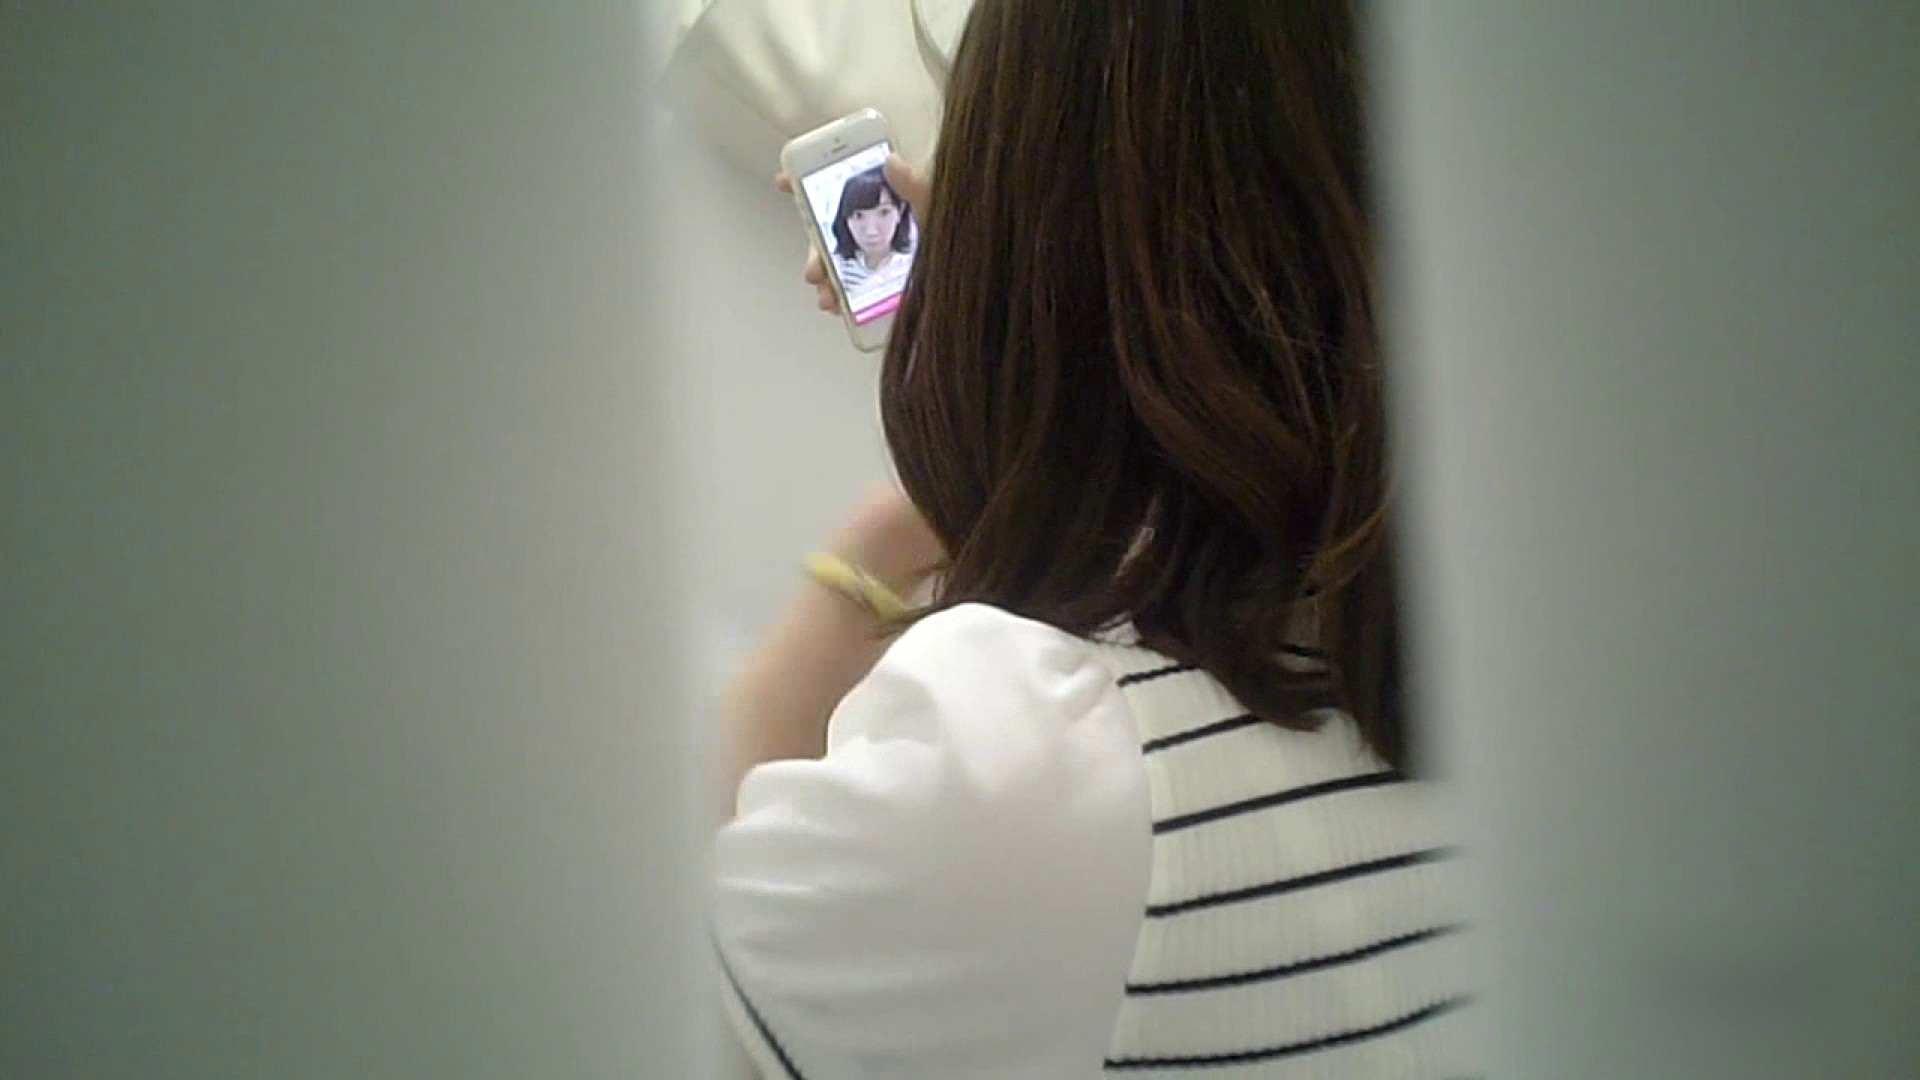 有名大学女性洗面所 vol.37 ついでにアンダーヘアーの状態確認ですね。 洗面所 オメコ動画キャプチャ 101枚 8